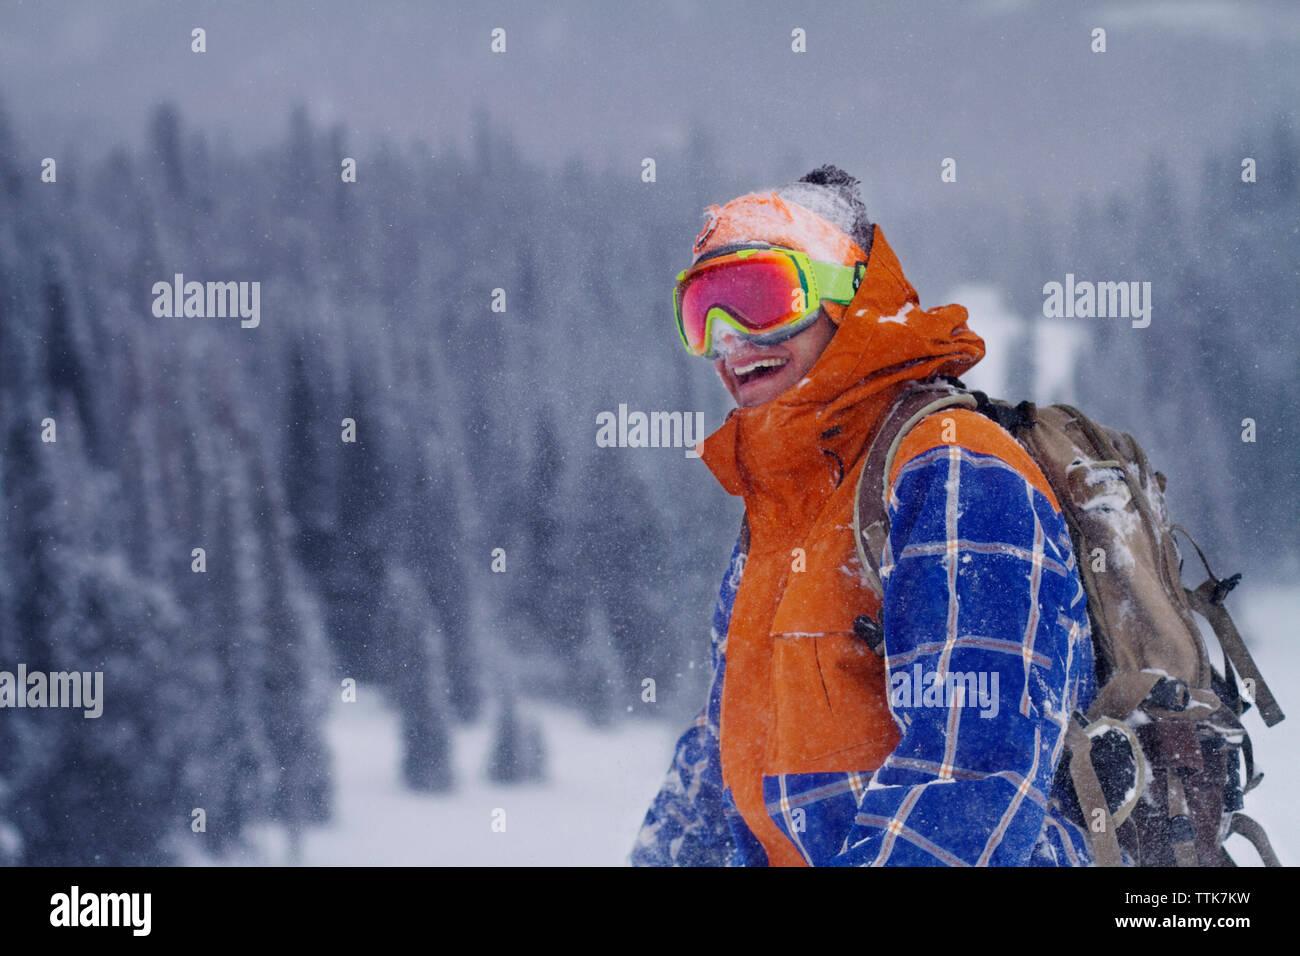 Uomo felice indossando occhiali da sci in piedi sul campo durante la nevicata Immagini Stock